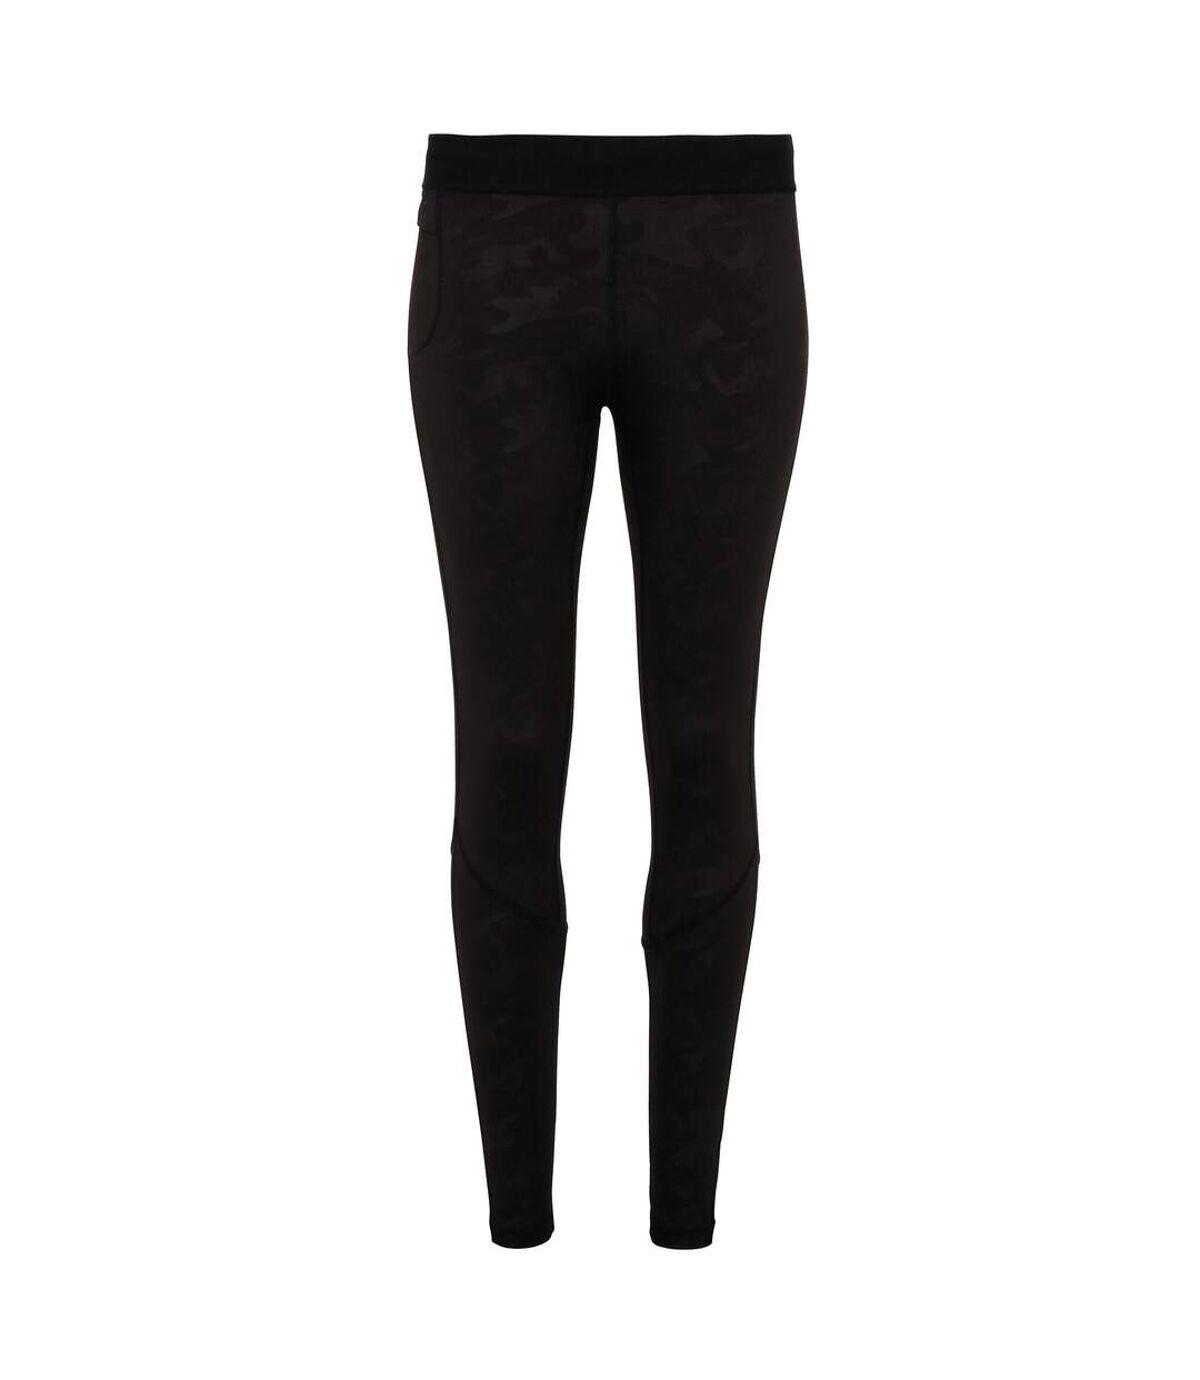 TriDri Mens Training Leggings (Black Camo) - UTRW6121